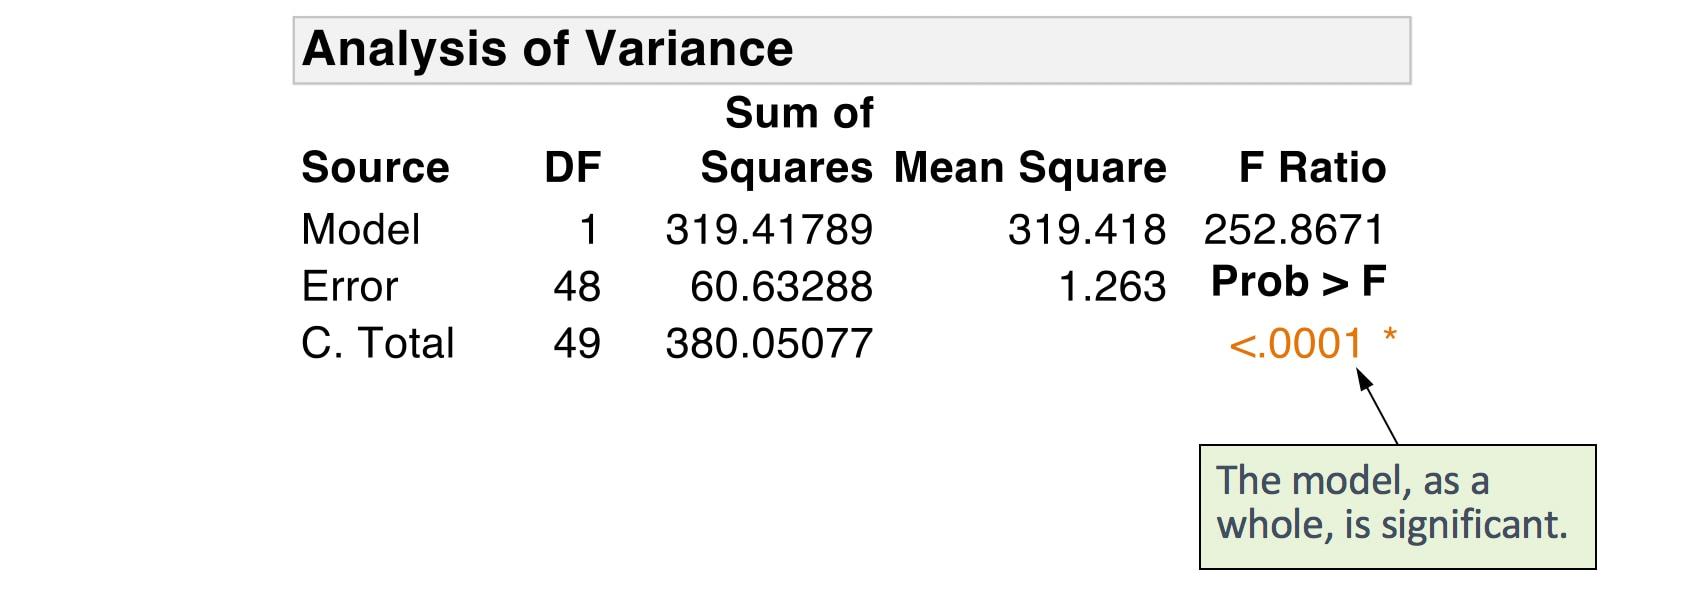 mlr-variable-selection-overall-anova